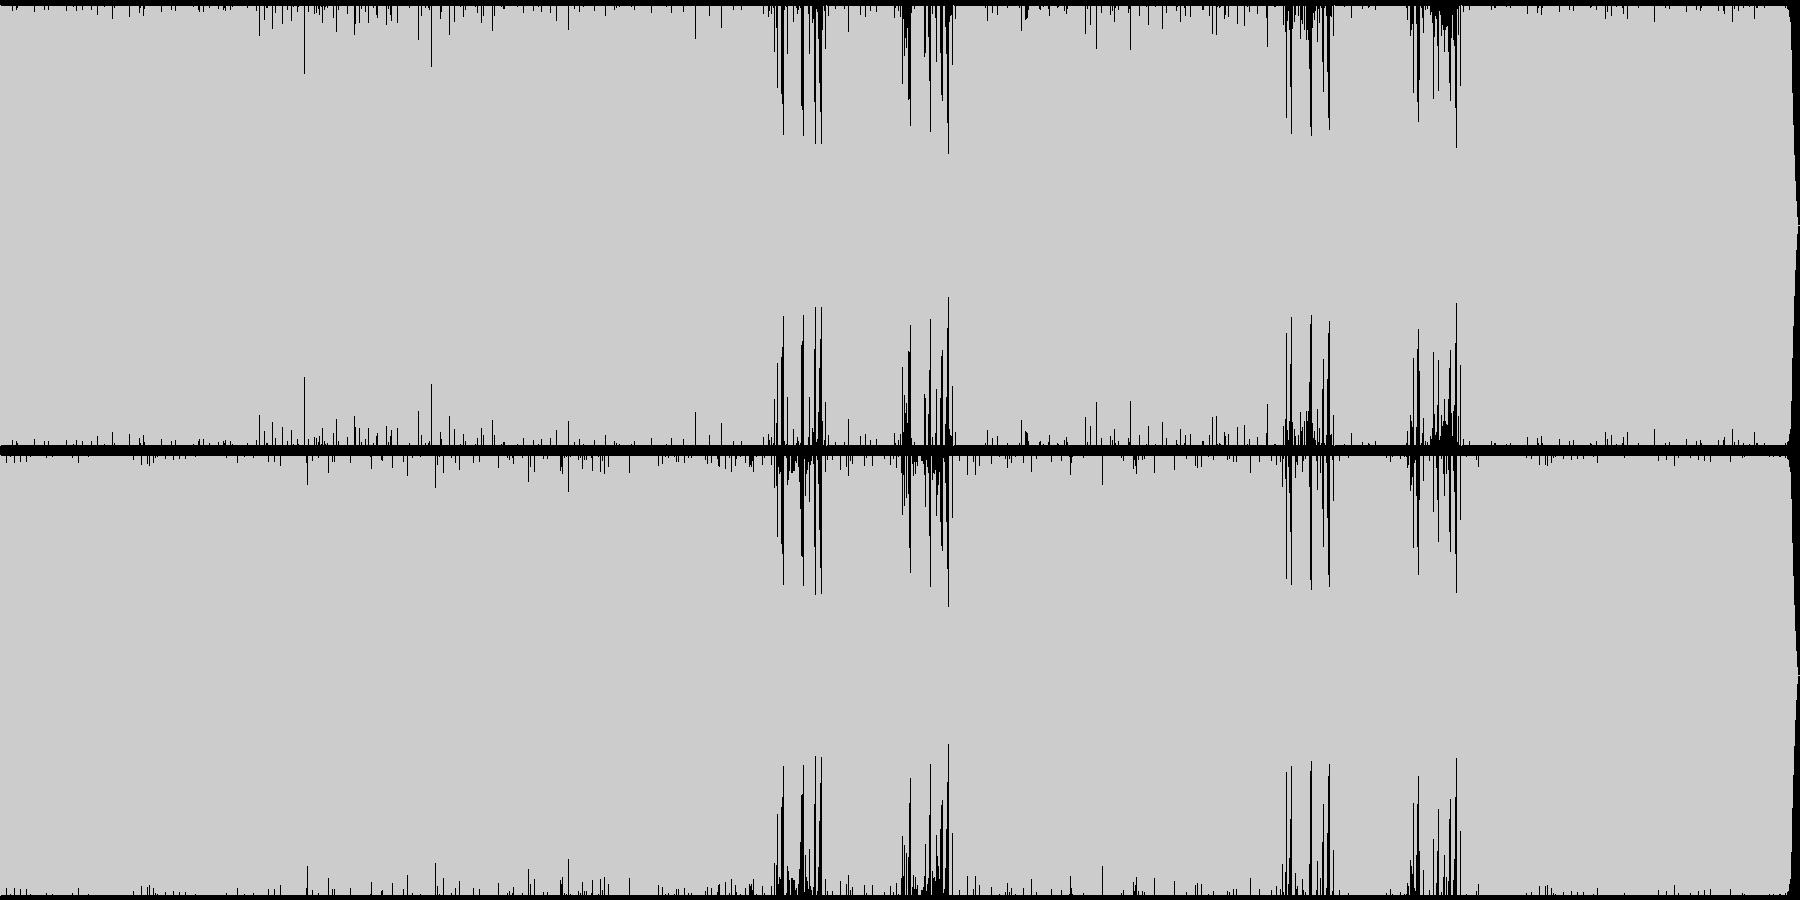 ムーディーなテクノの未再生の波形